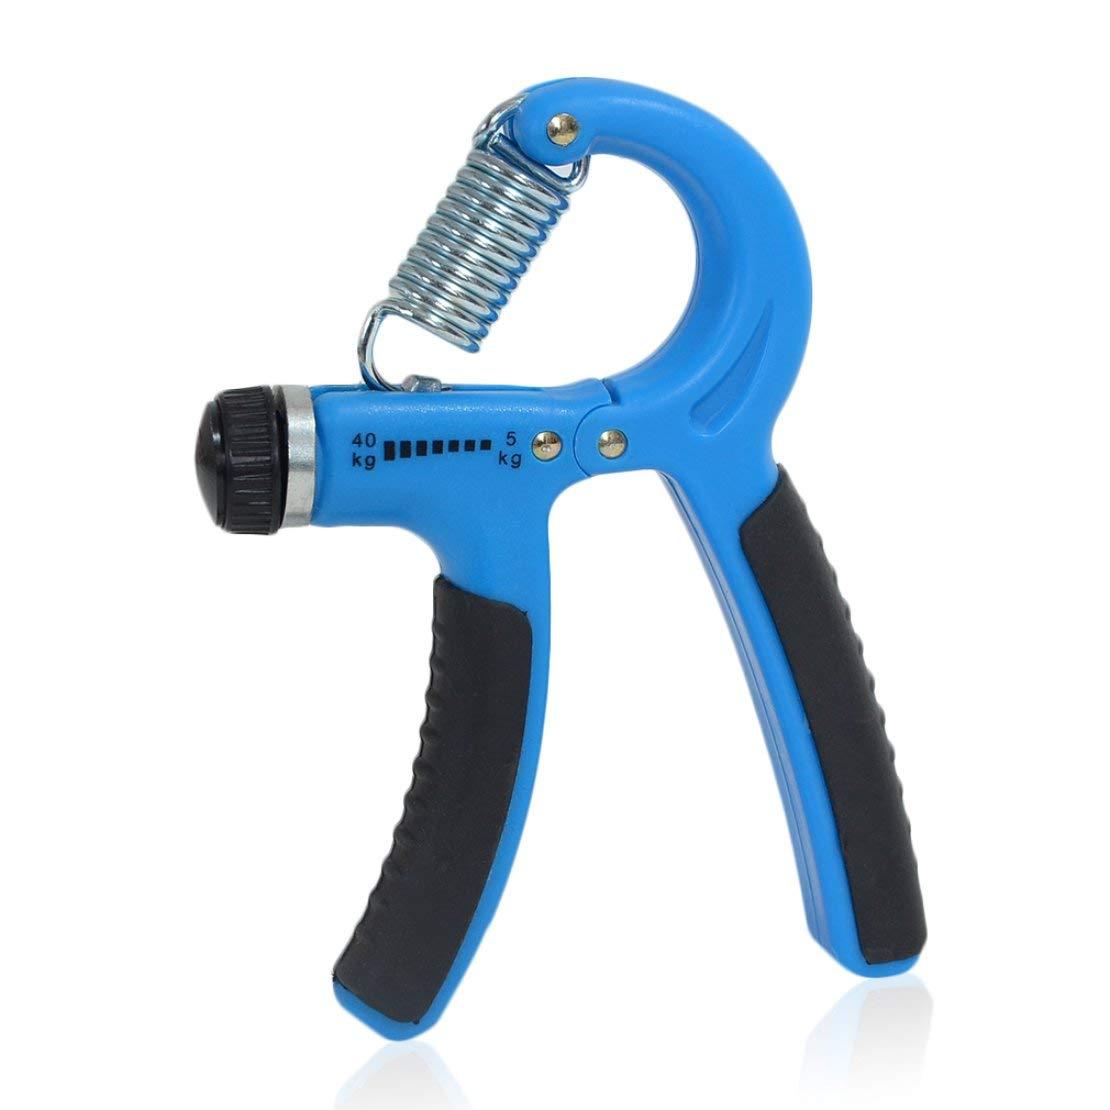 Sanzhileg Fuerza de Agarre de Mano Ajustable, lo Mejor para Entrenamiento de Dedos de muñeca Muscular - Azul lo Mejor para Entrenamiento de Dedos de muñeca Muscular - Azul